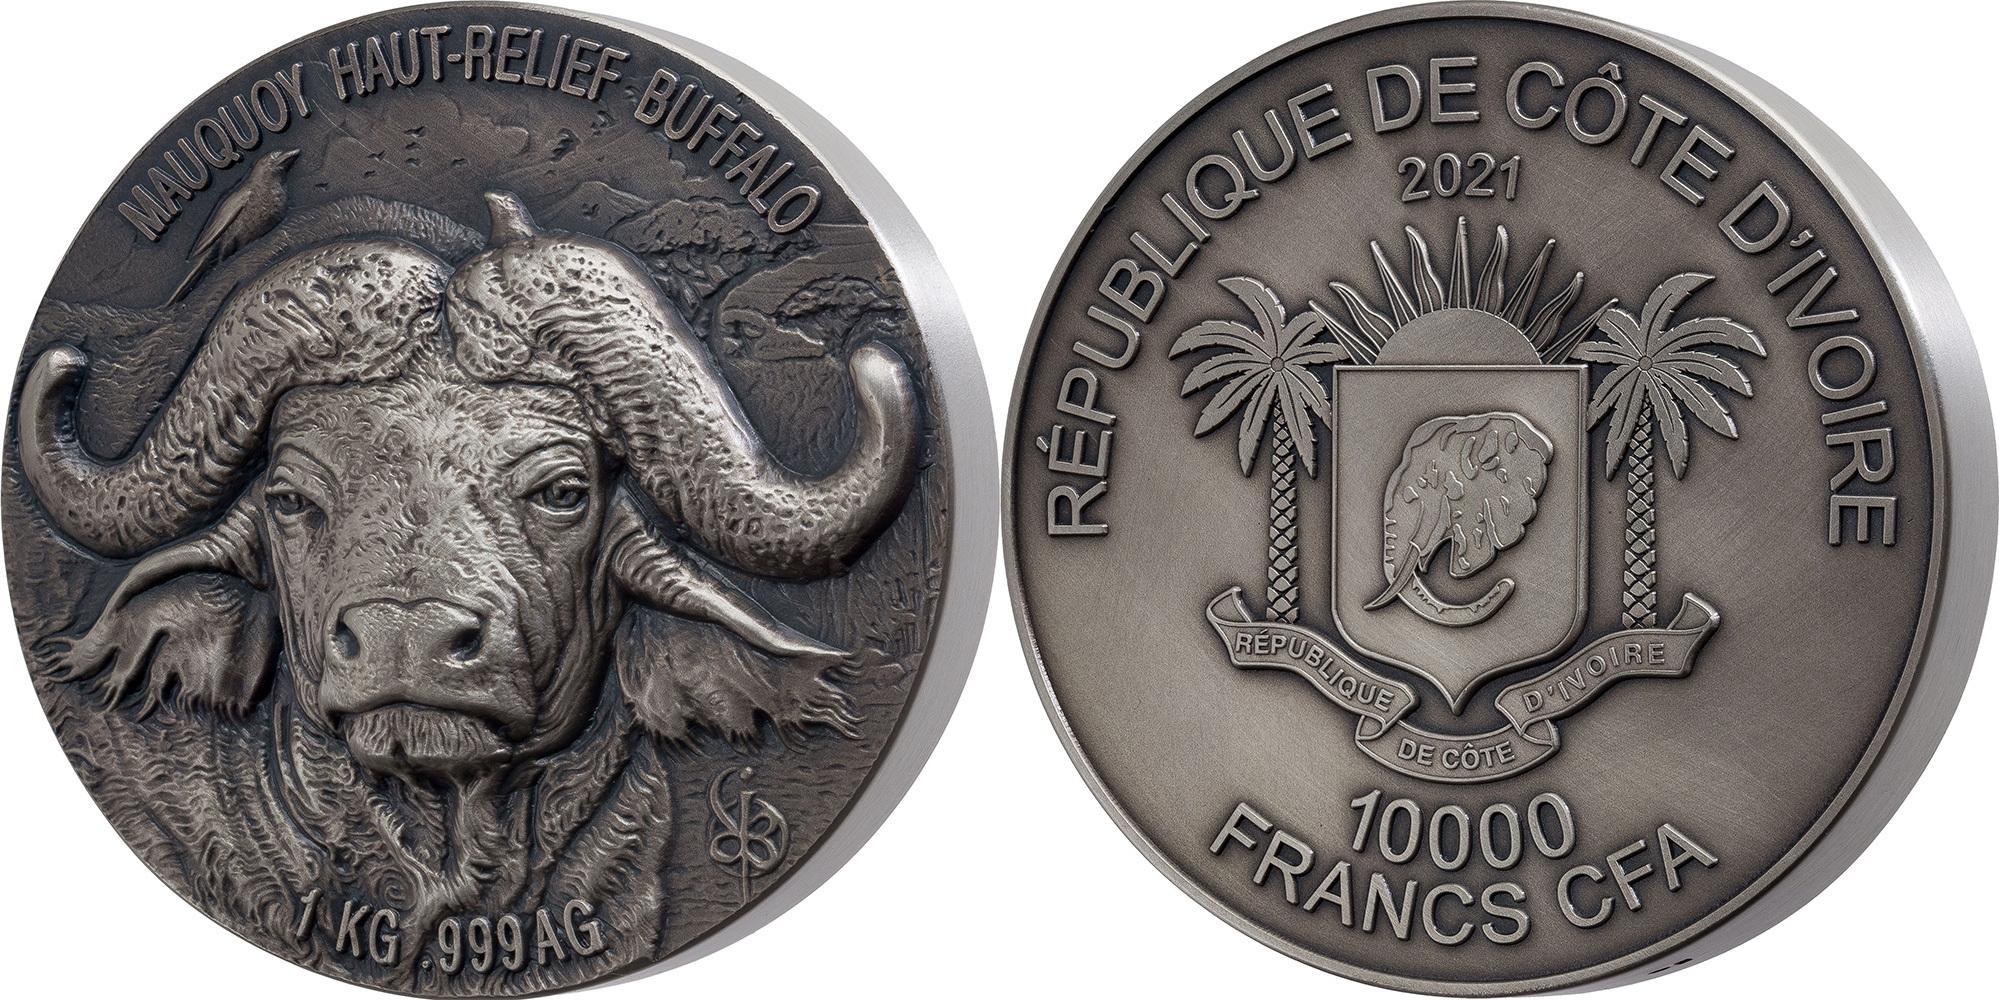 cote-divoire-2021-buffle-mauquoy-kg